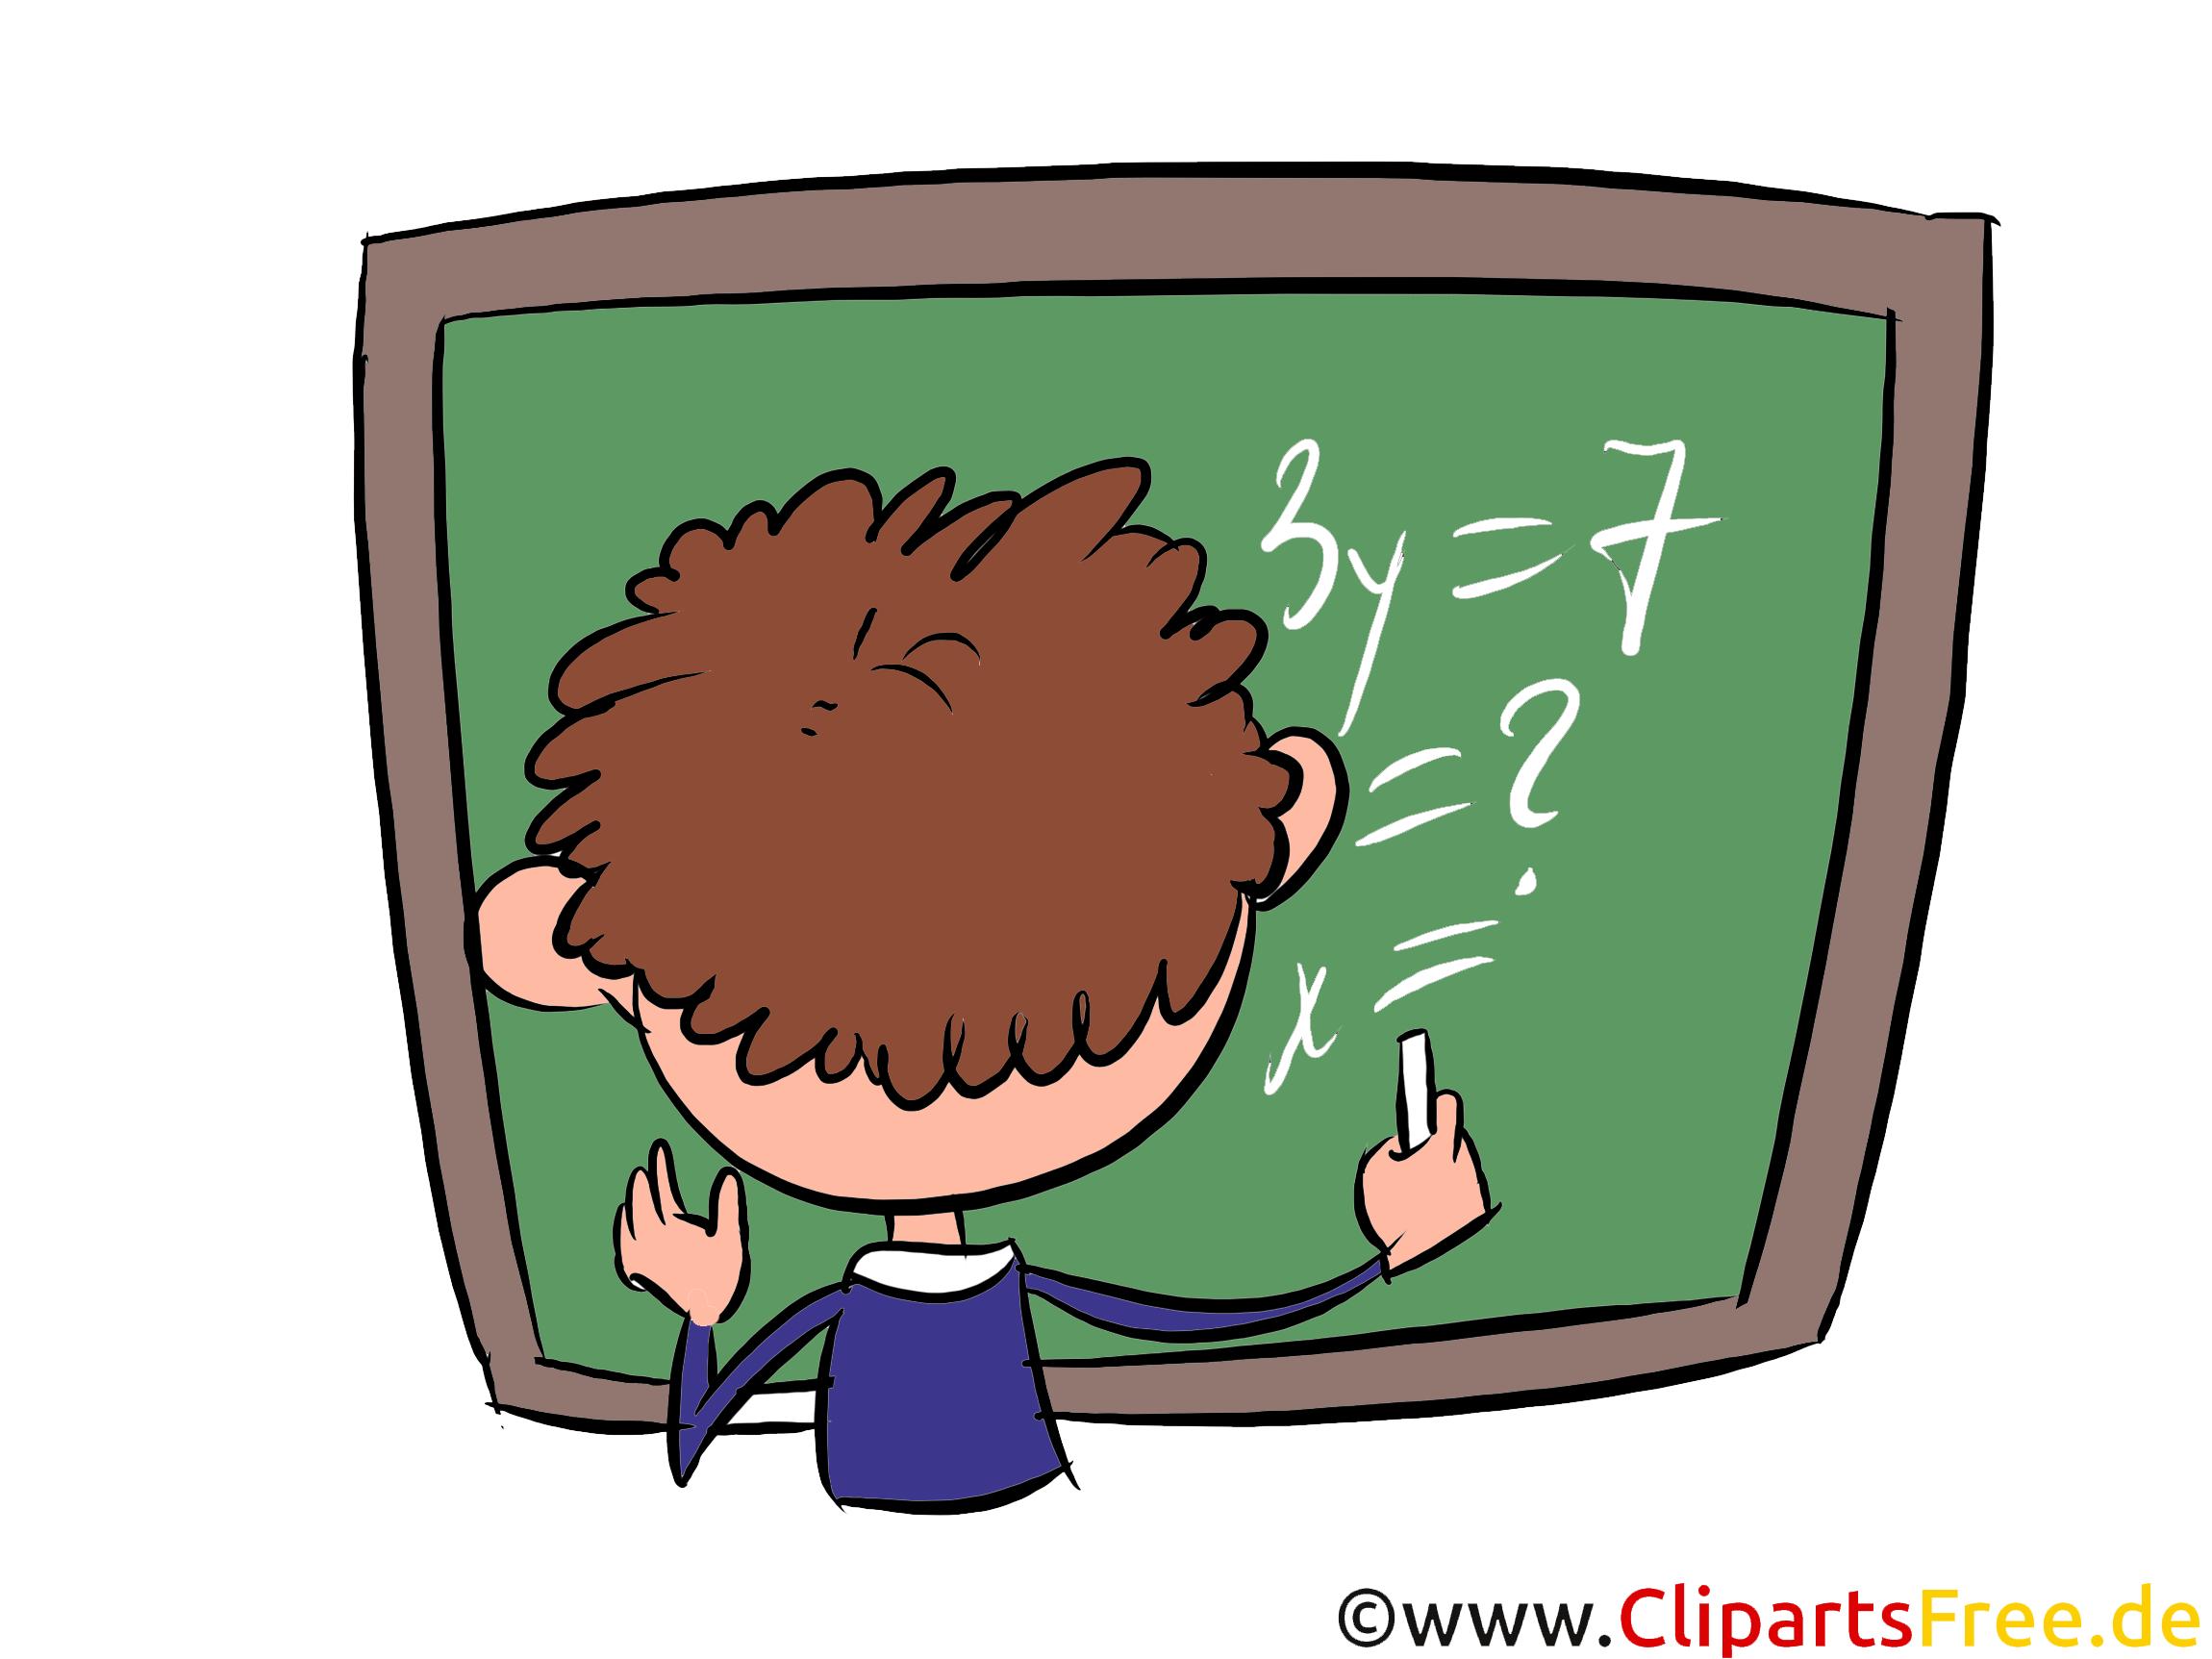 Schüler an der grünen Tafel Clipart, Bild, Illustration